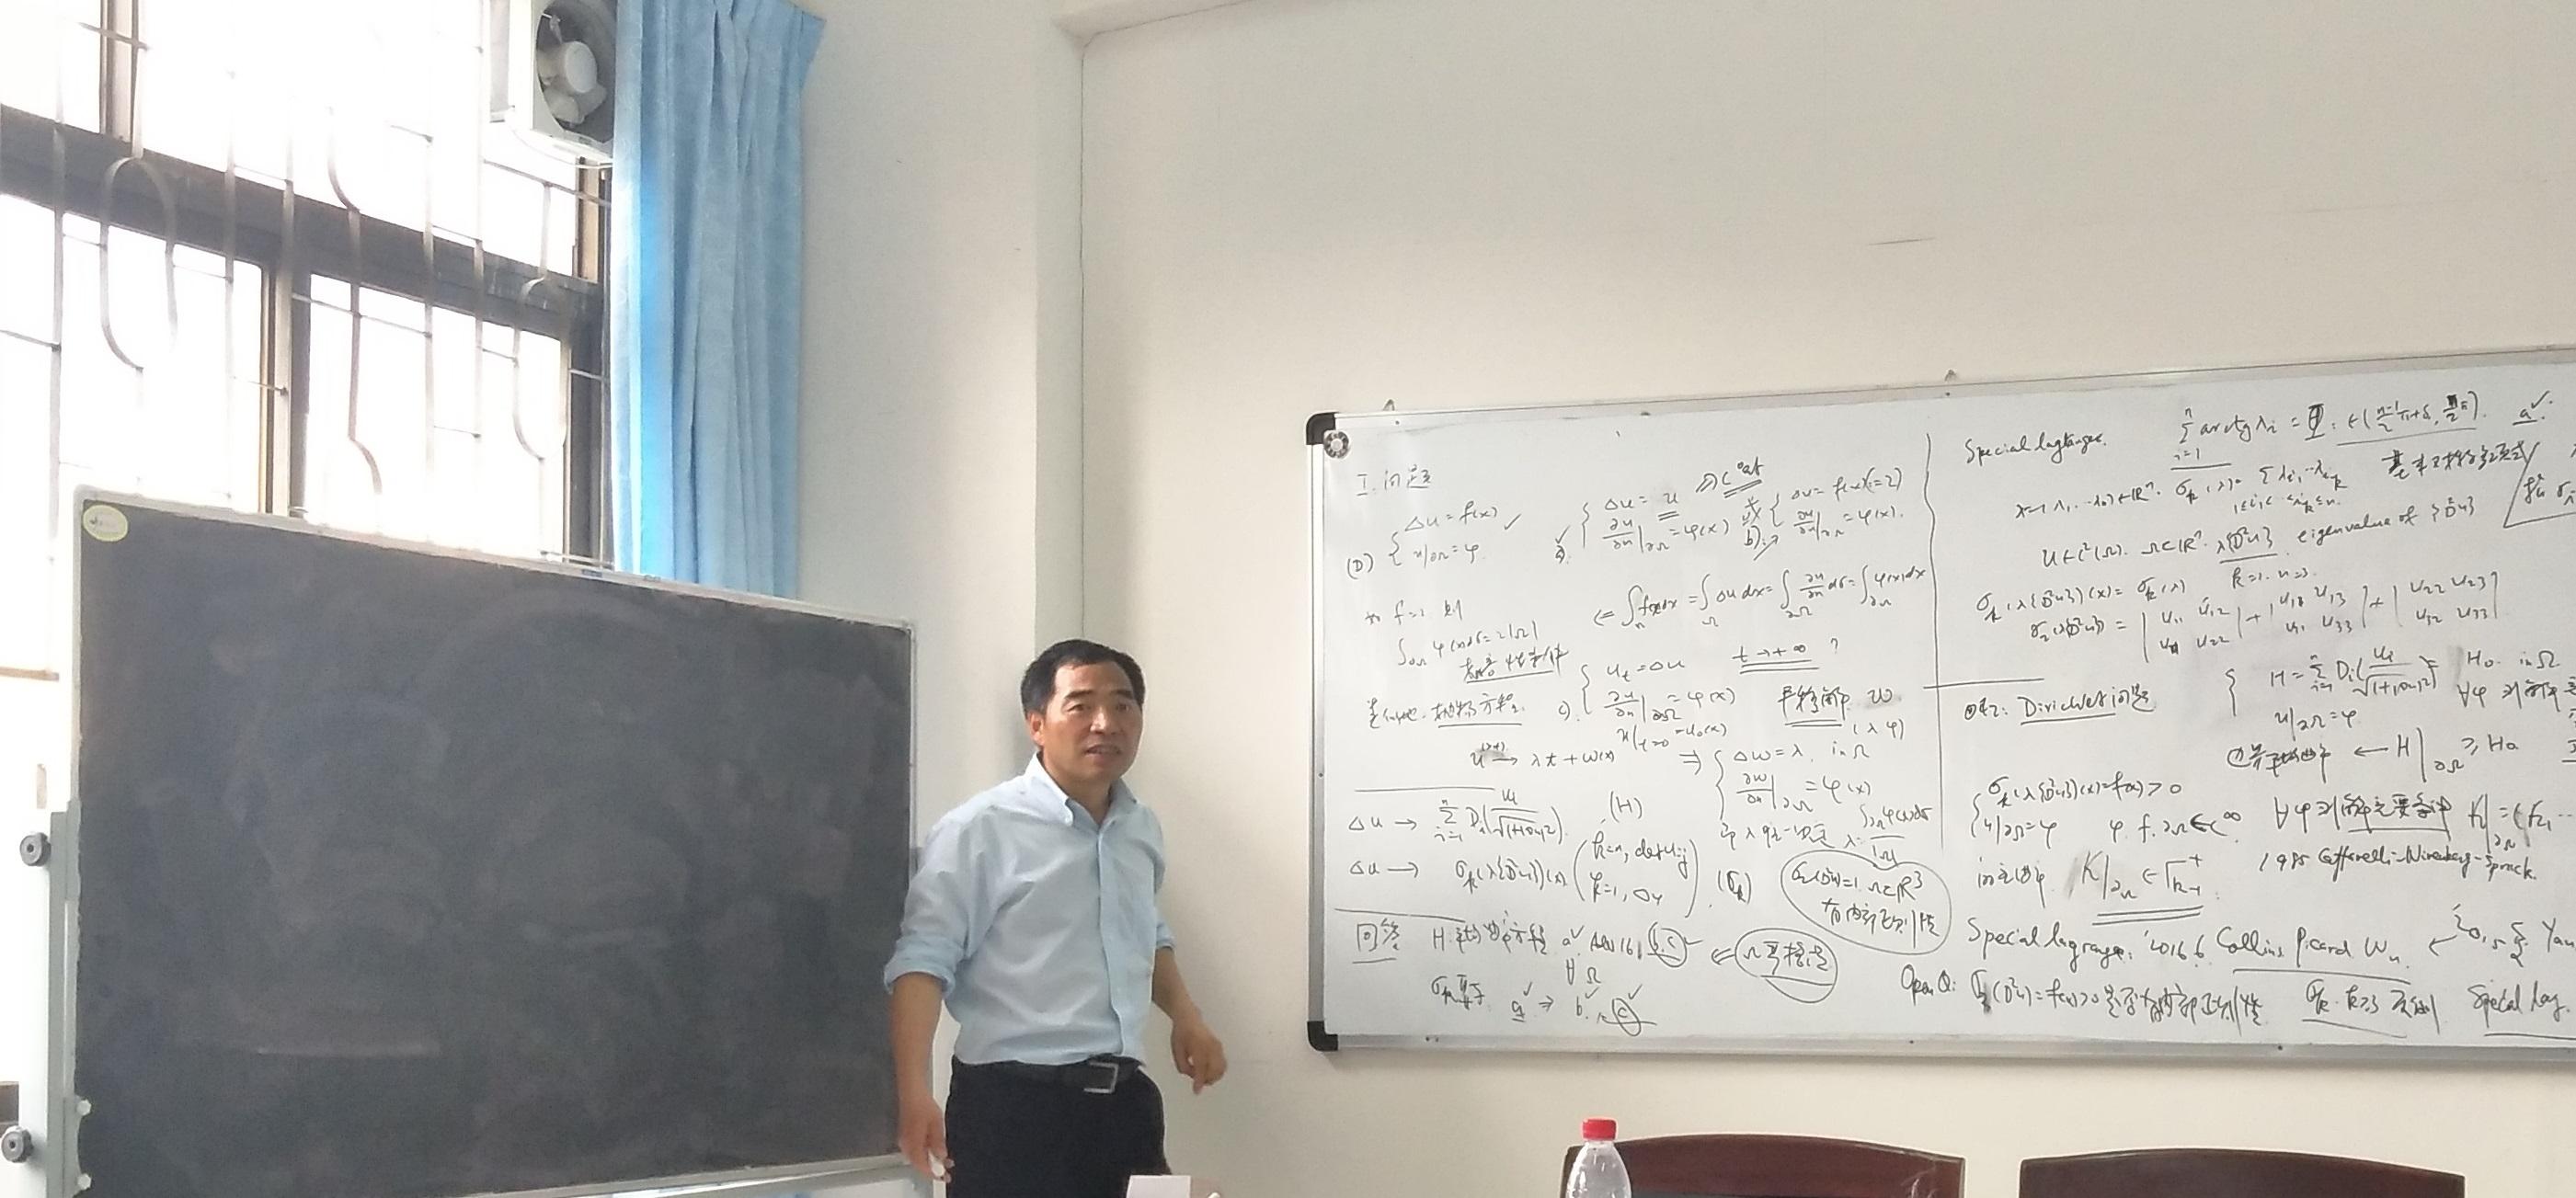 中国科学技术大学麻希南教授来我校讲学